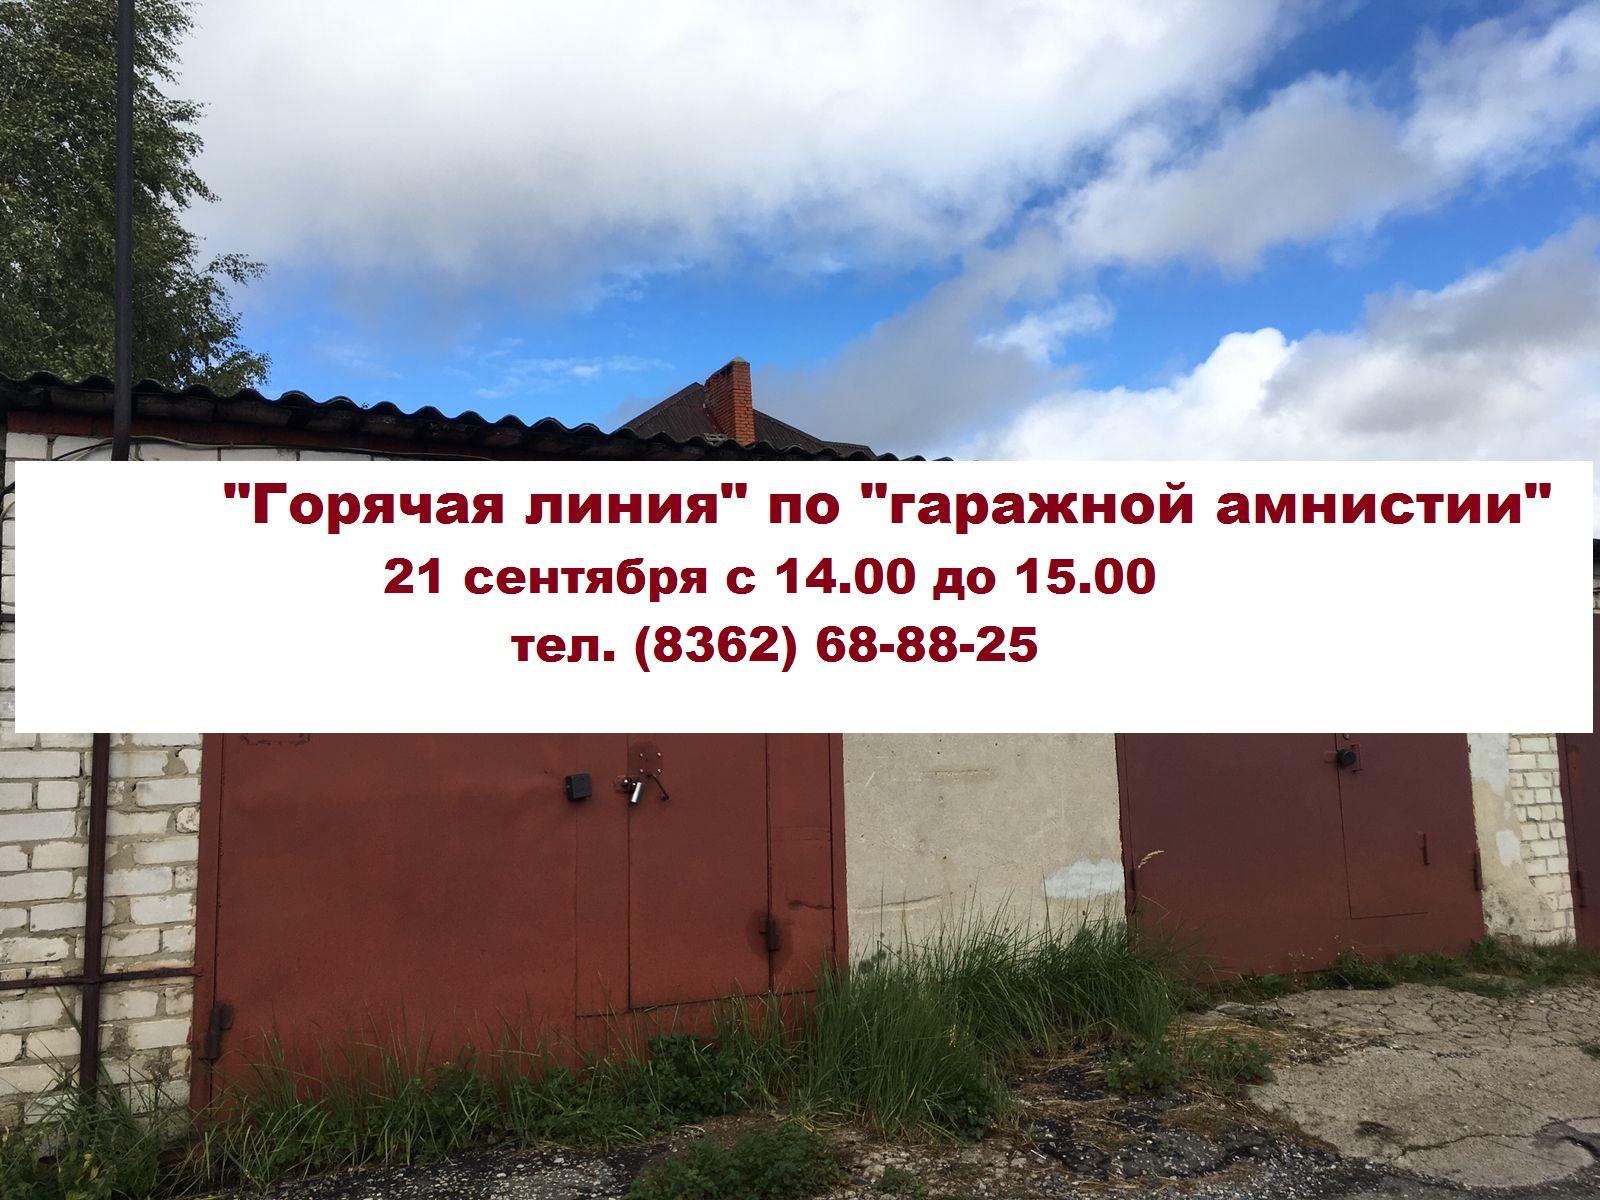 21 сентября Управление Росреестра по Республике Марий Эл проведет «горячую  линию» по «гаражной амнистии»